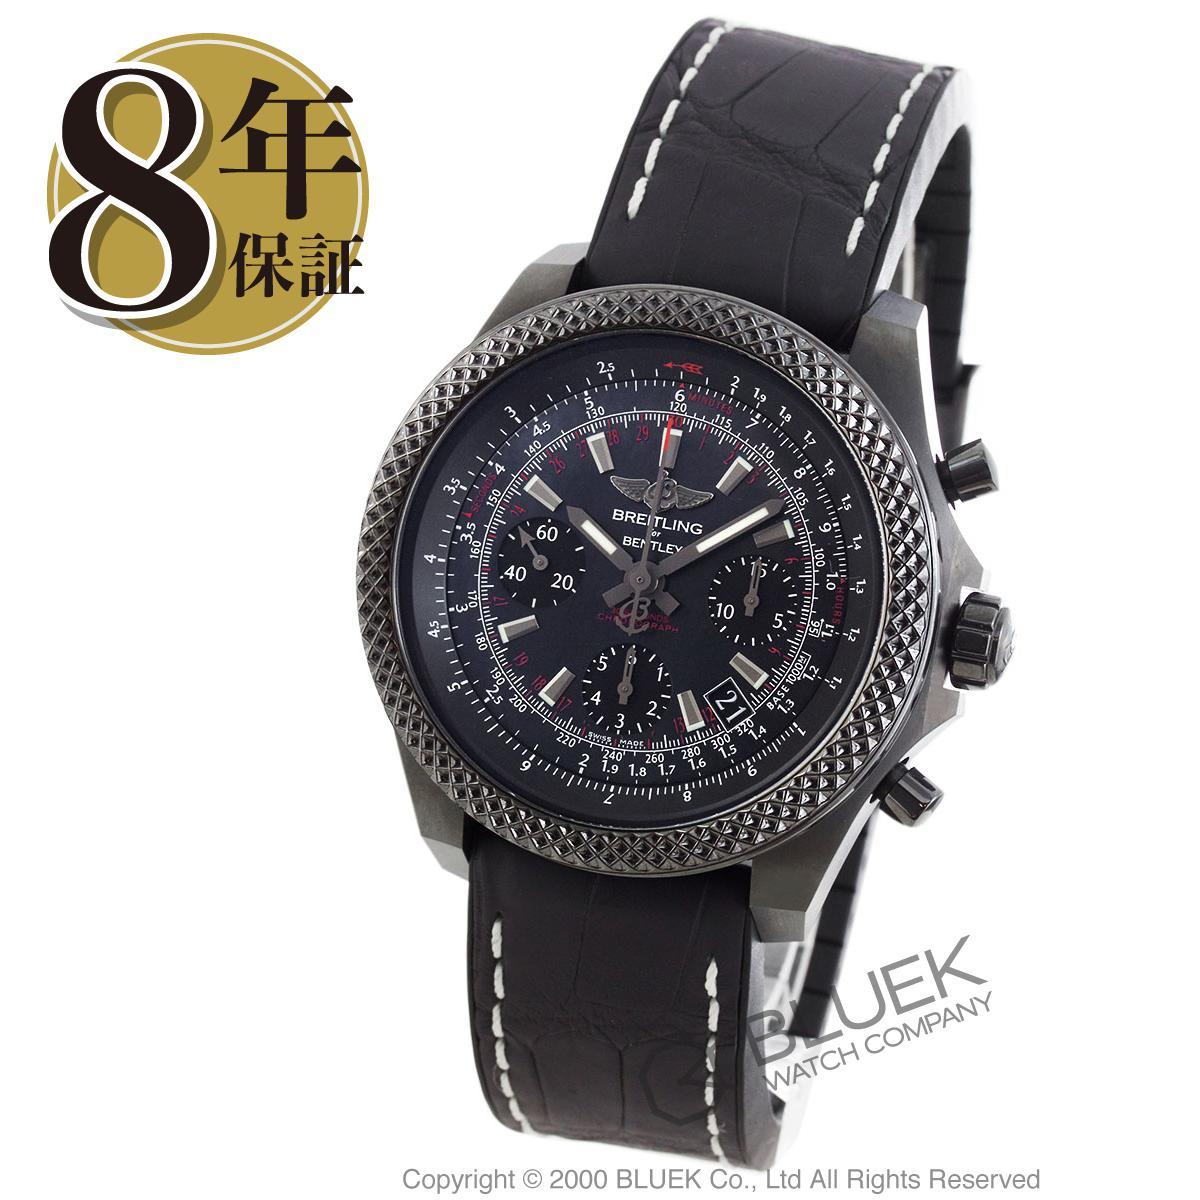 ブライトリング ベントレー B06 ミッドナイトカーボン 世界限定500本 クロノグラフ 腕時計 メンズ BREITLING MB061225/BE61_8